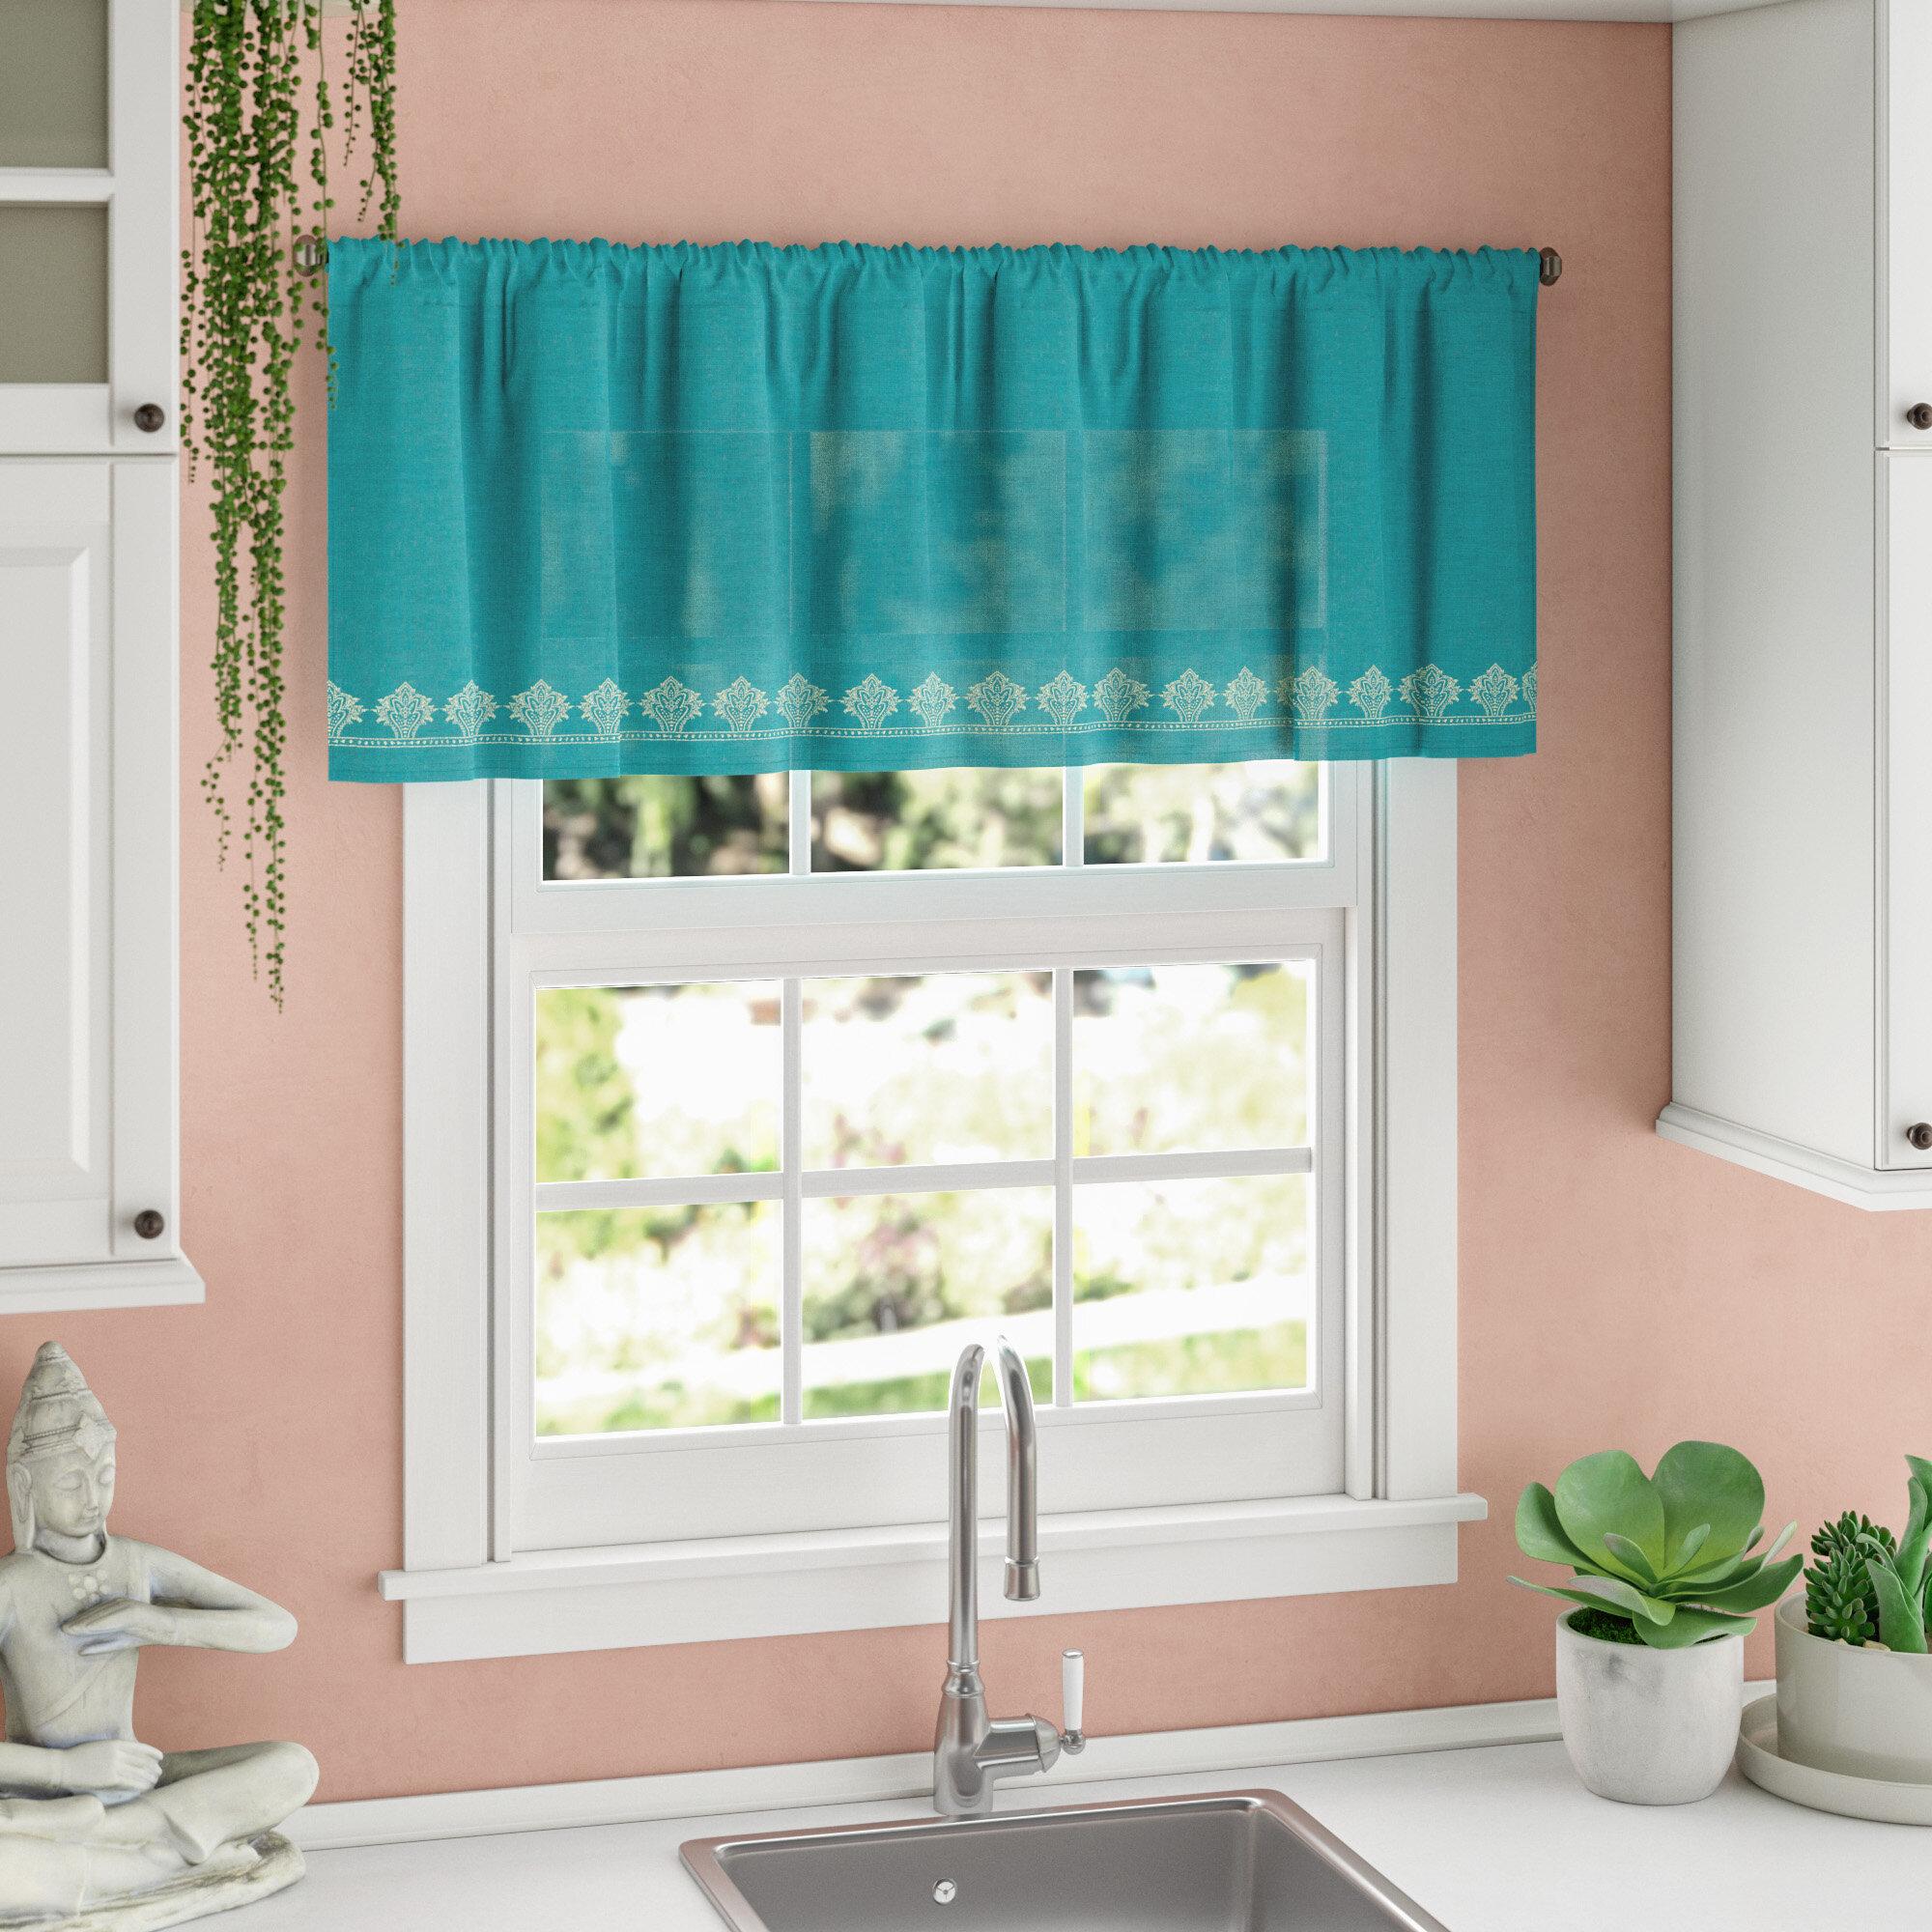 inspirational valance curtain bathroom theme photo shower beachy beach valances curtains ideas themed